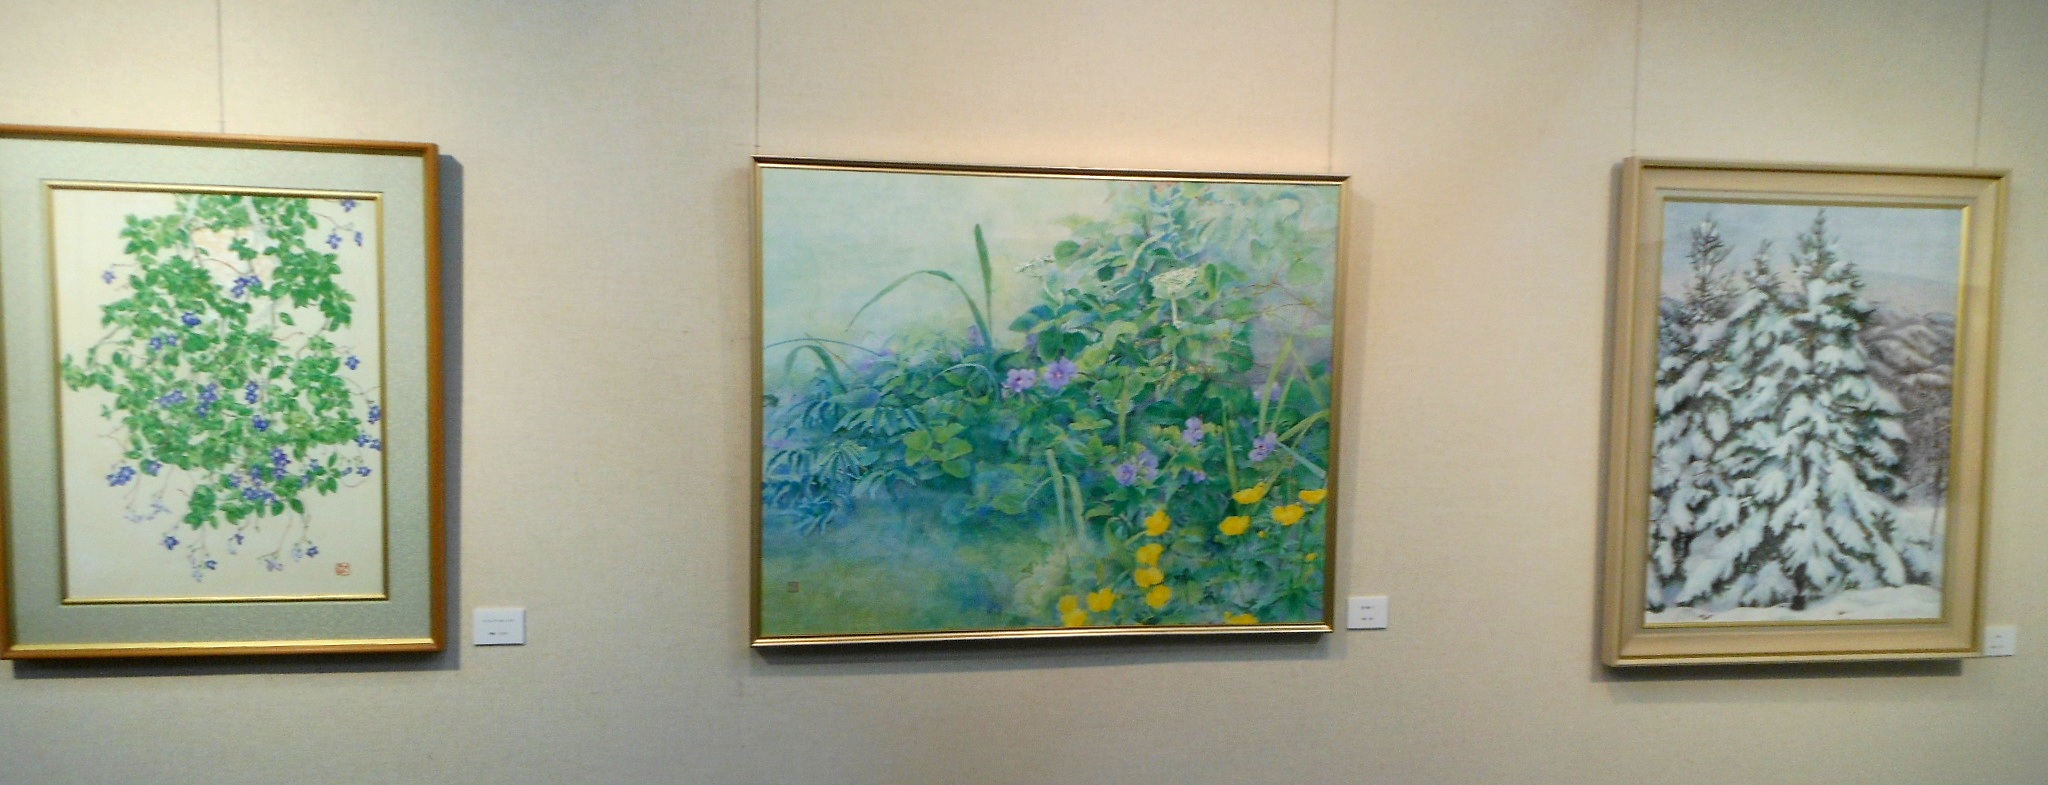 1789)④「北の日本画展 第27回」 時計台 終了5月21日(月)~5月26日(土) _f0126829_1234071.jpg